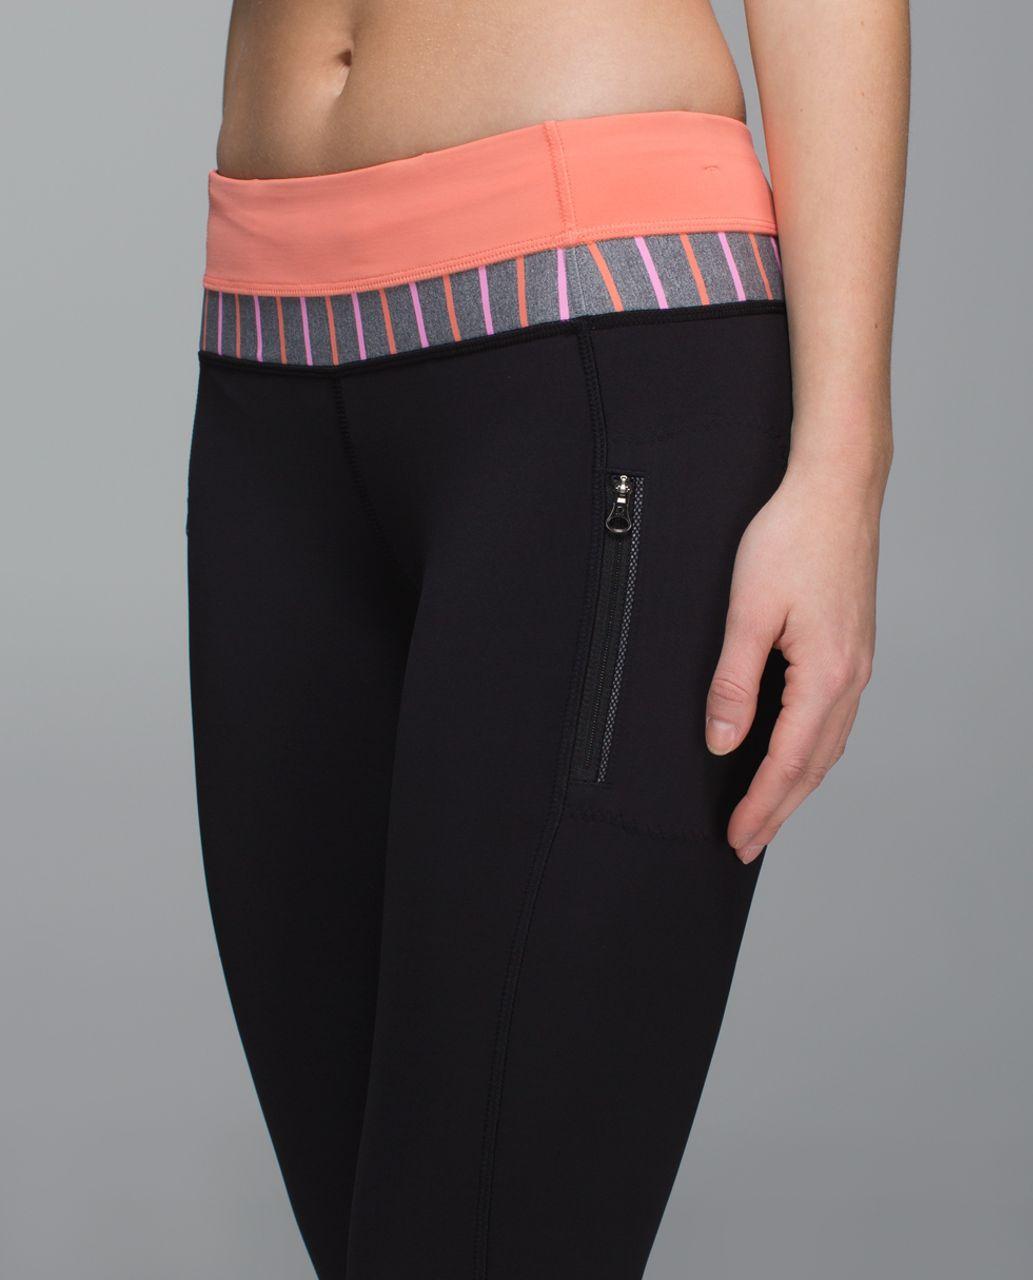 Lululemon Inspire Tight II (Mesh) - Black / Plum Peach / Quiet Stripe Heathered Slate Vintage Pink